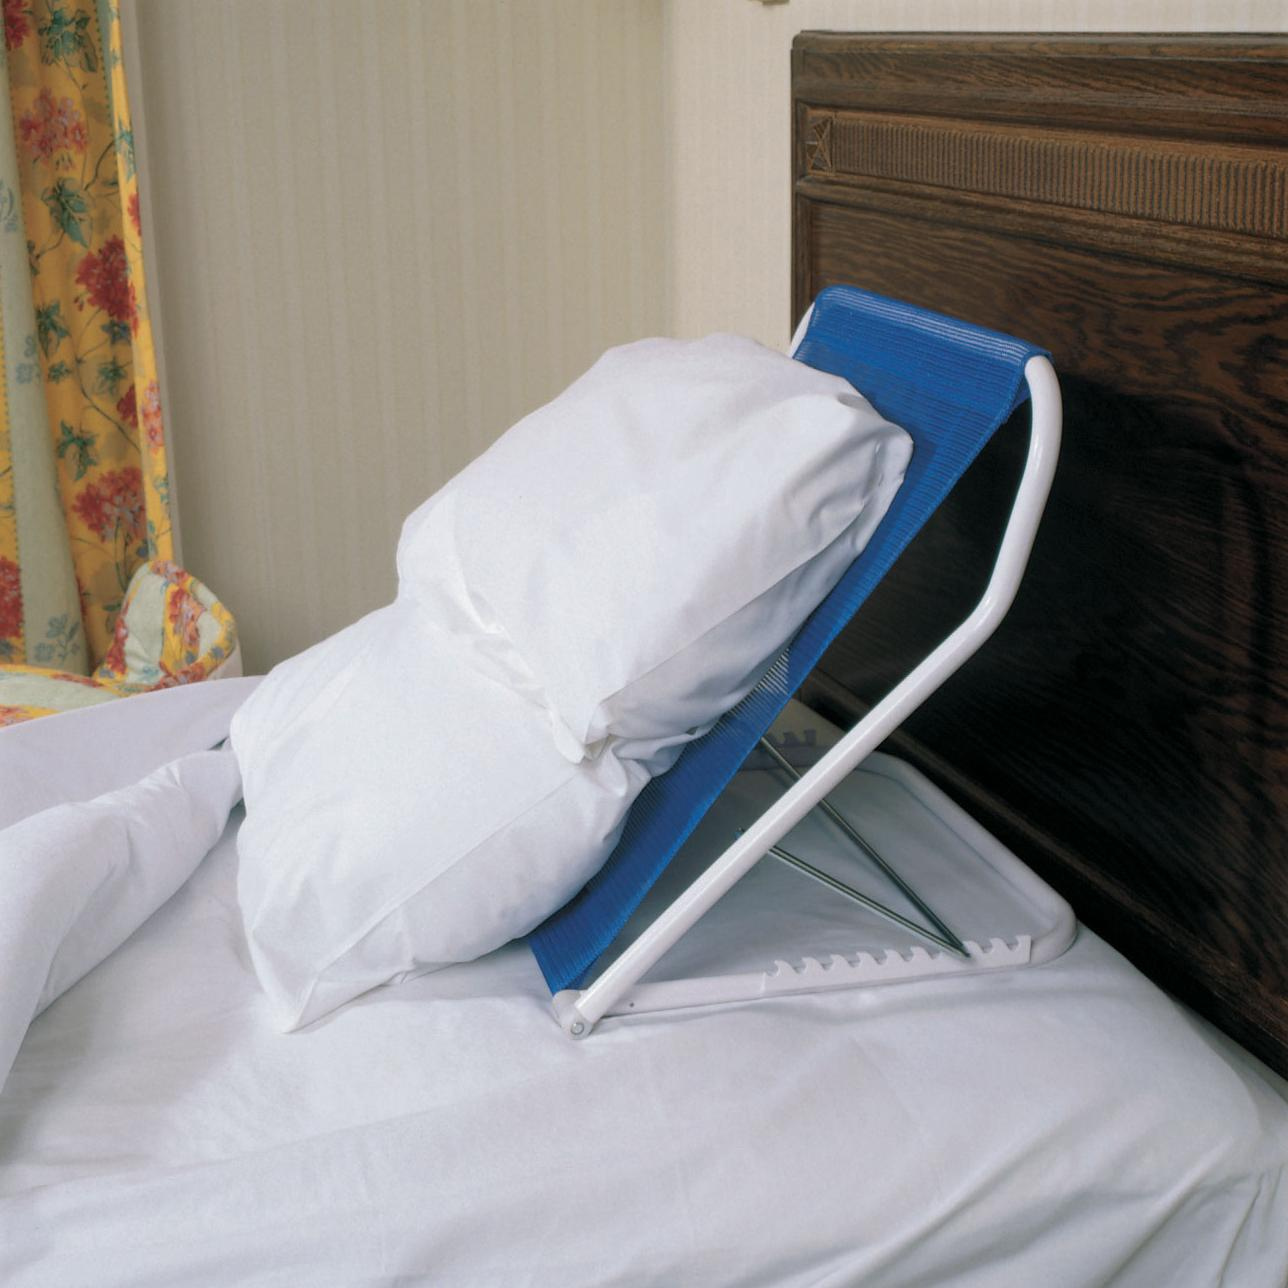 Respaldo ajustable para cama productos de farmacia - Respaldo para cama ...